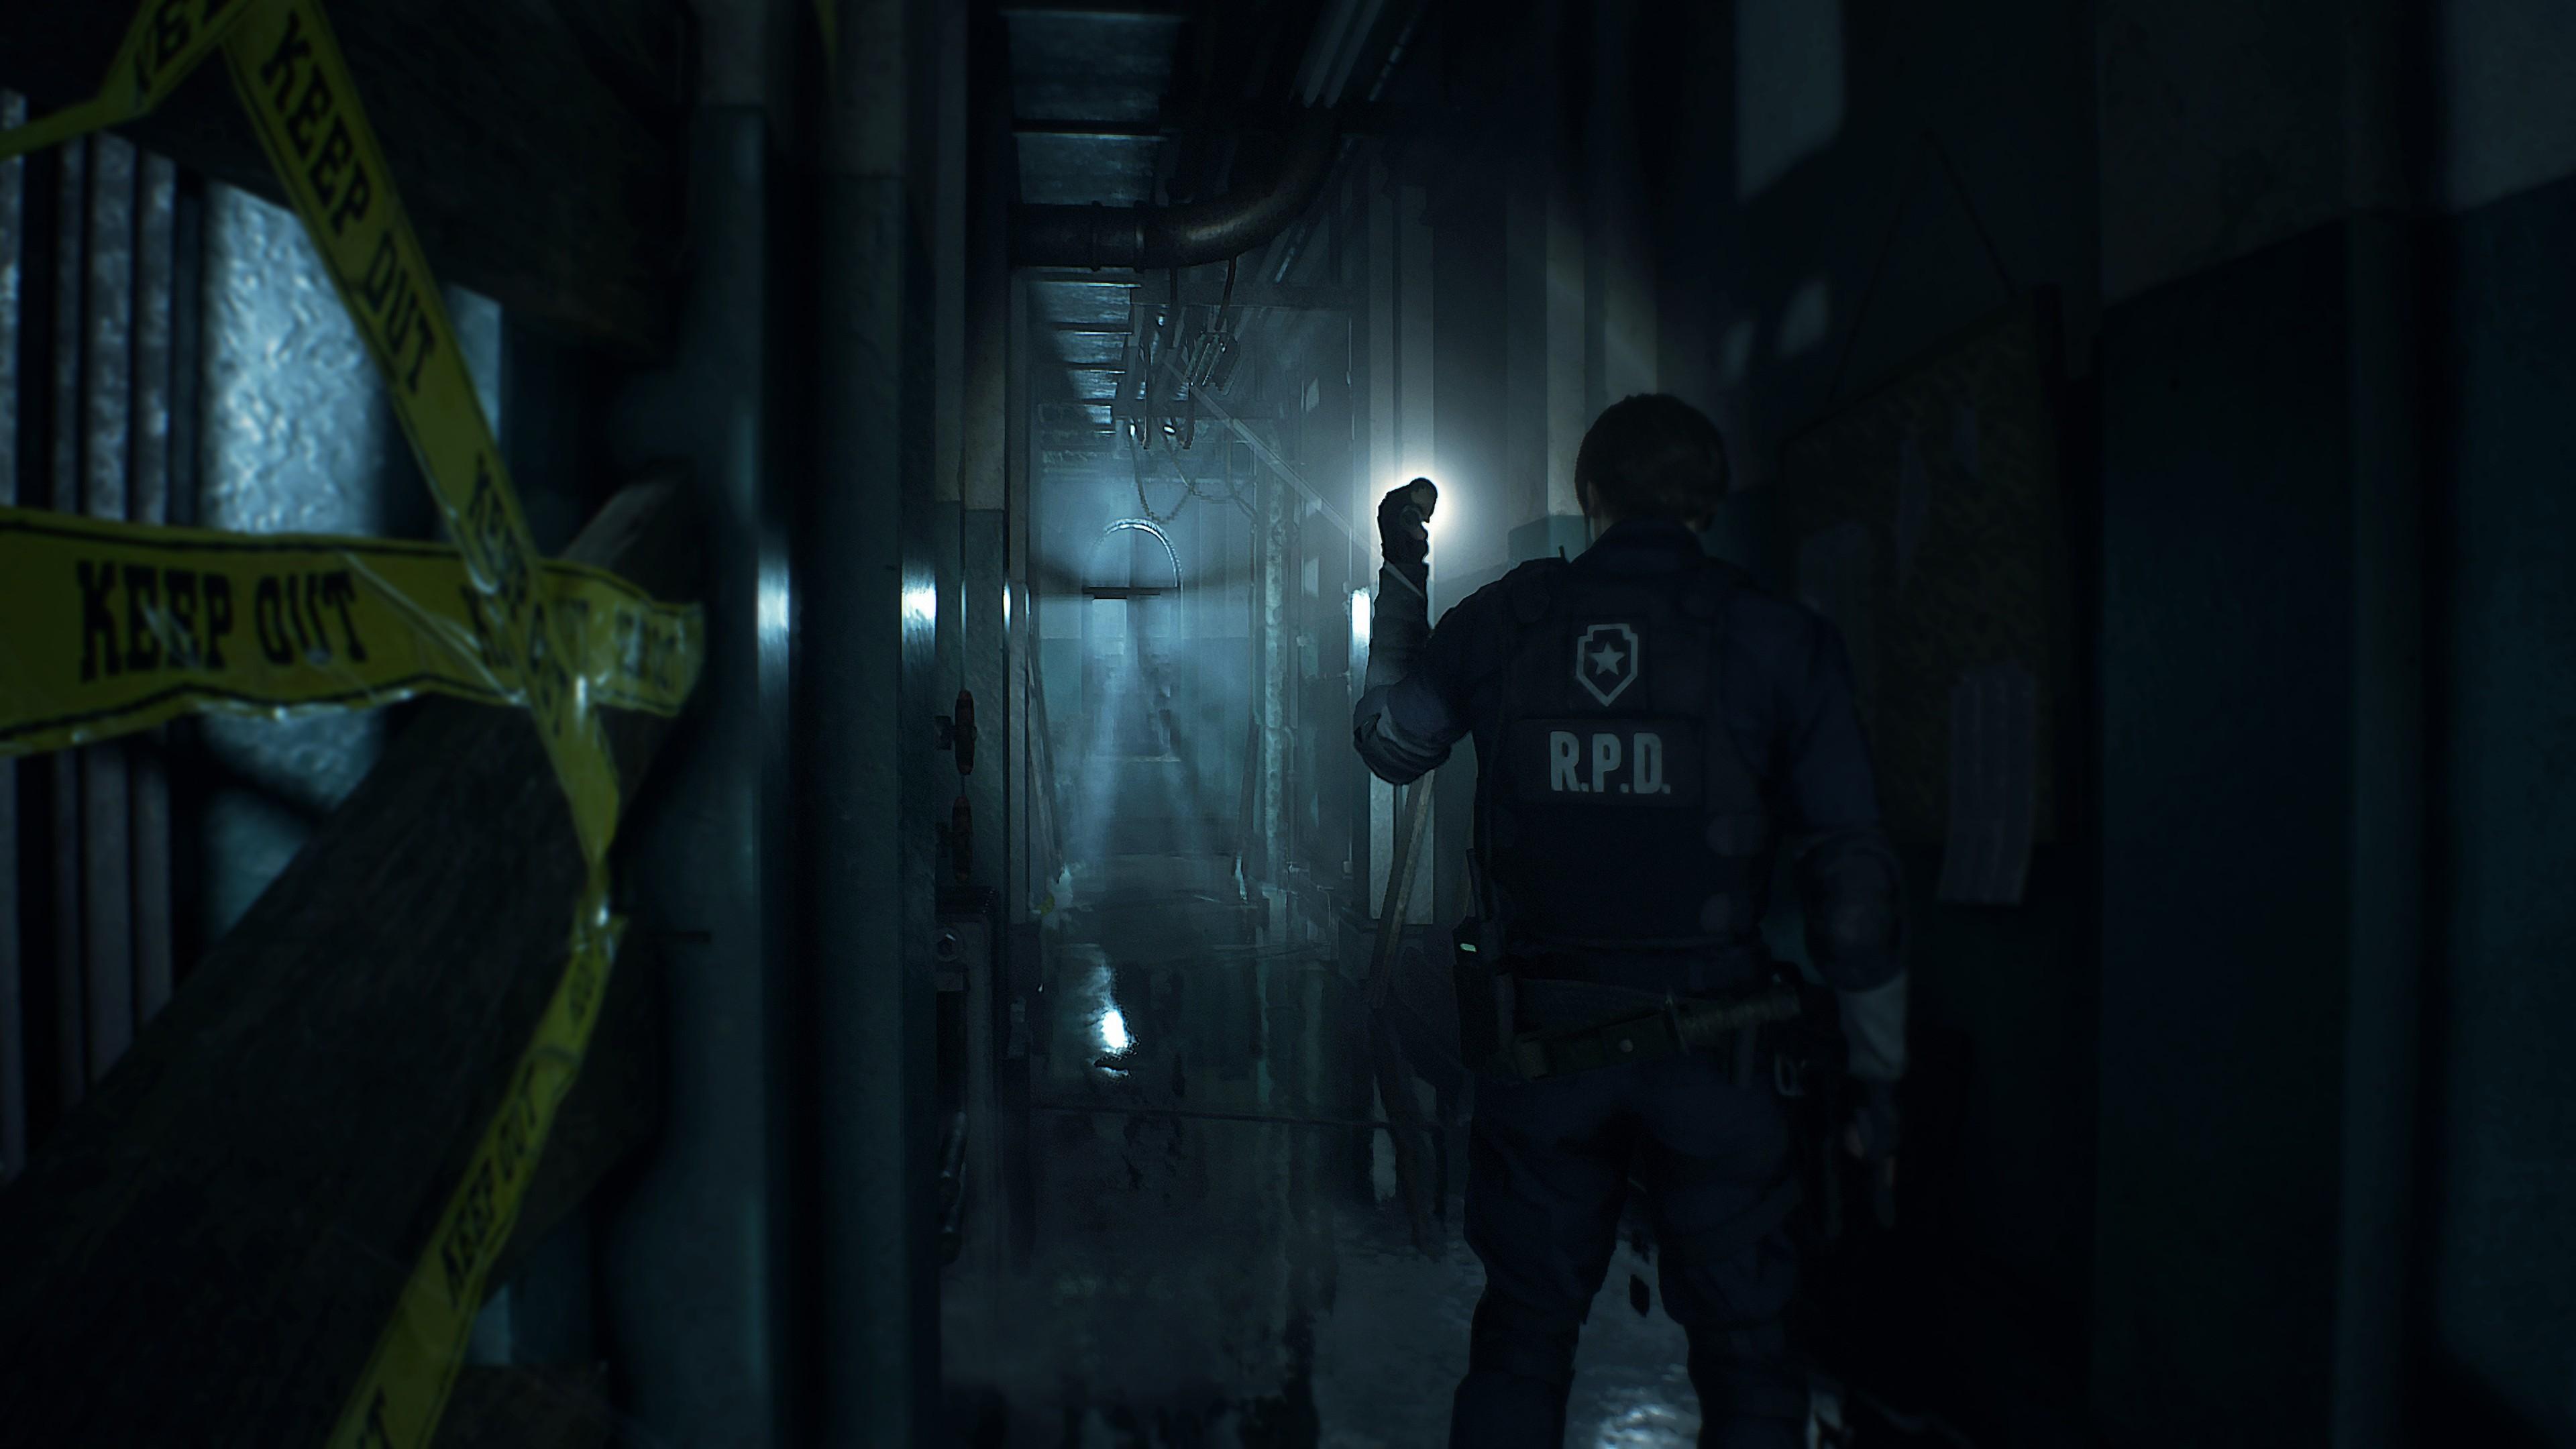 Resident Evil 2 Wallpaper: Wallpaper Resident Evil 2, E3 2018, Screenshot, 4K, Games